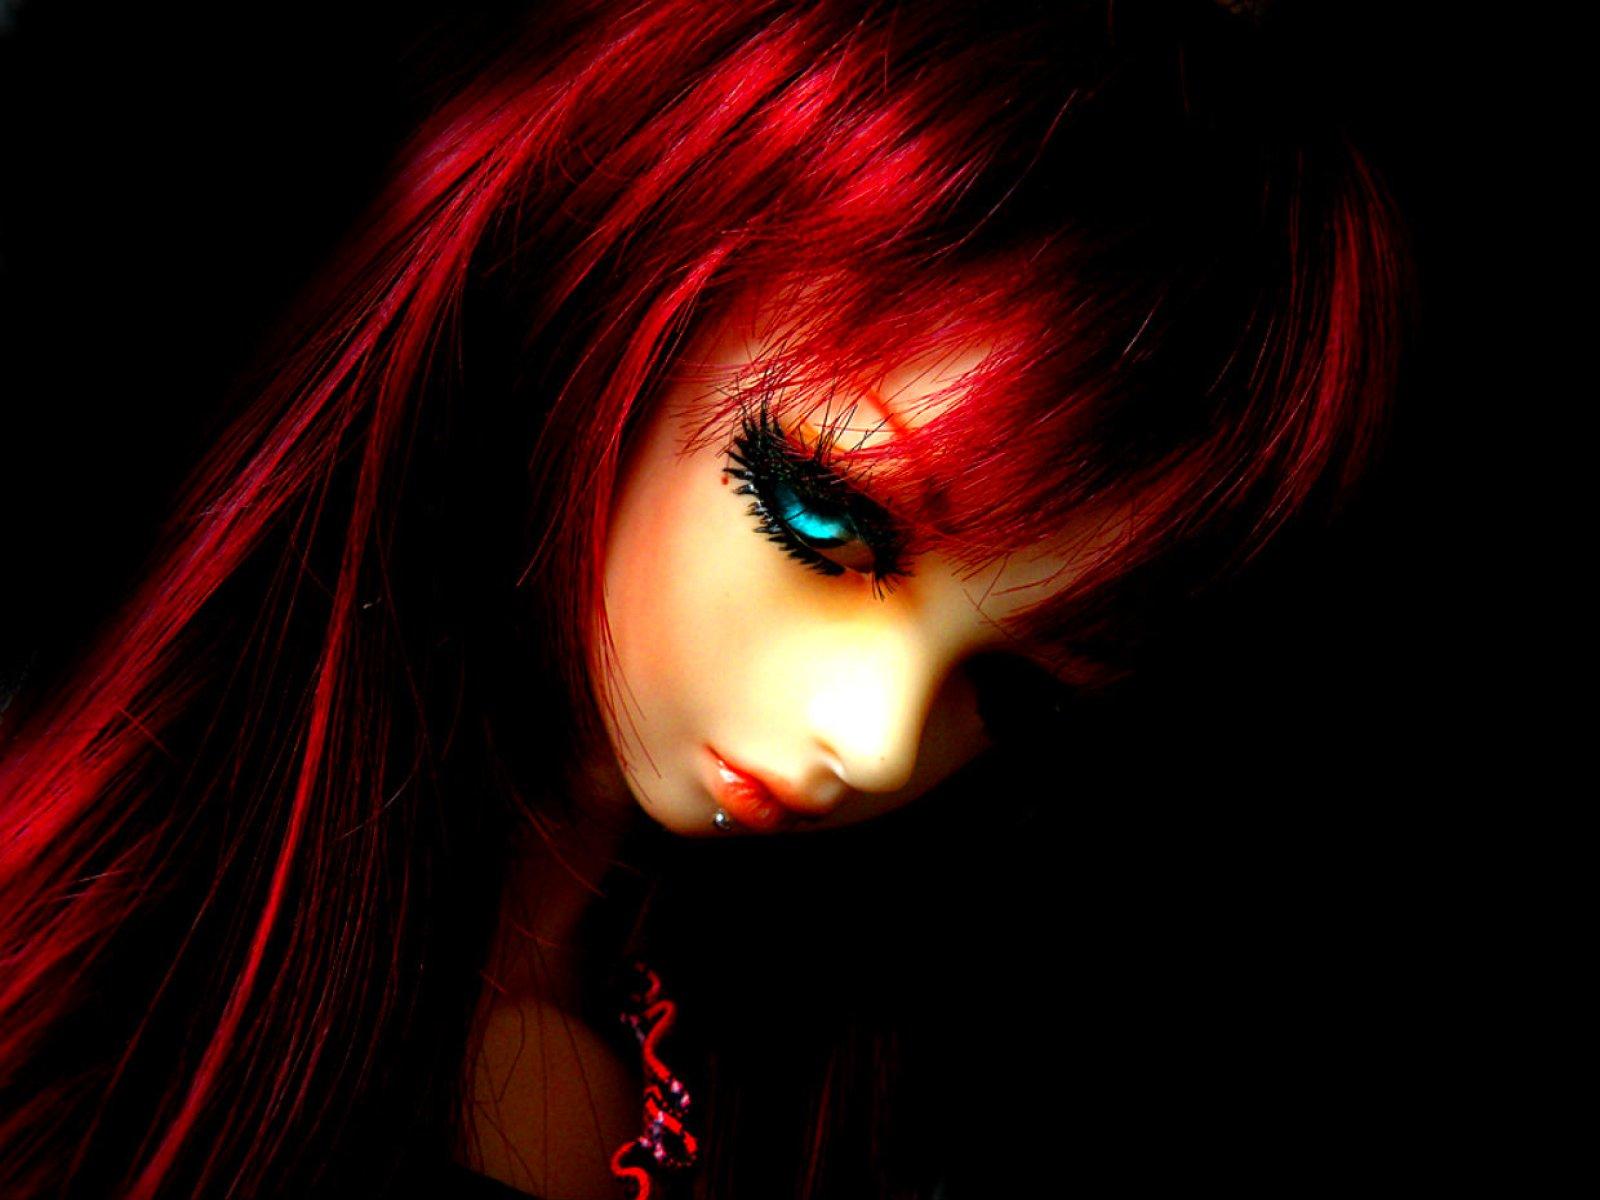 Красивые темные картинки для девочек